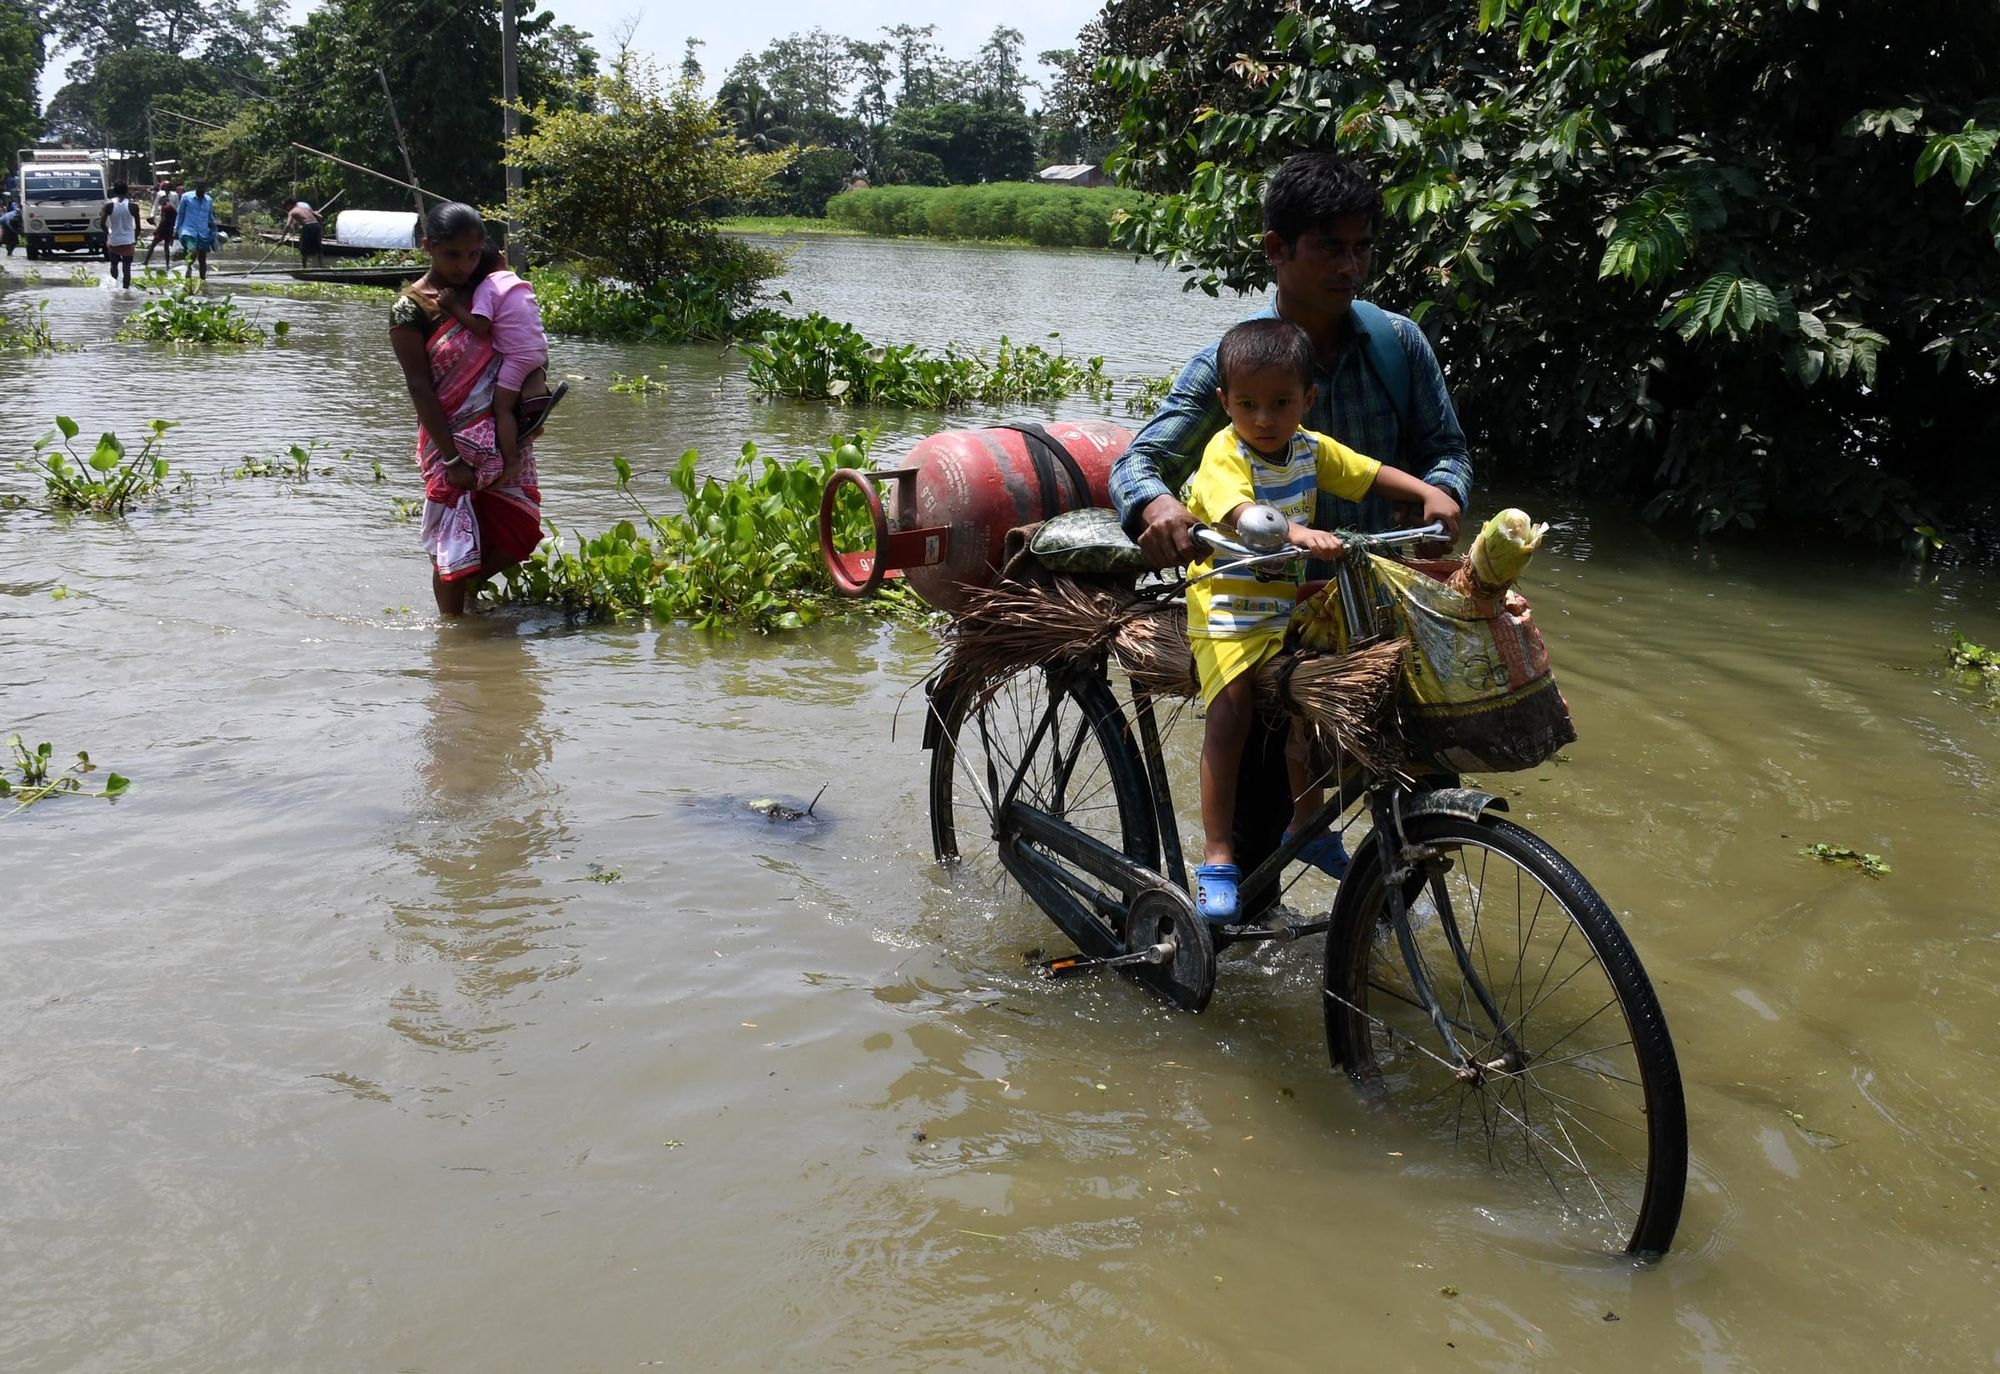 En Inde, le fleuve Brahmapoutre devient incontrôlable avec le changement climatique